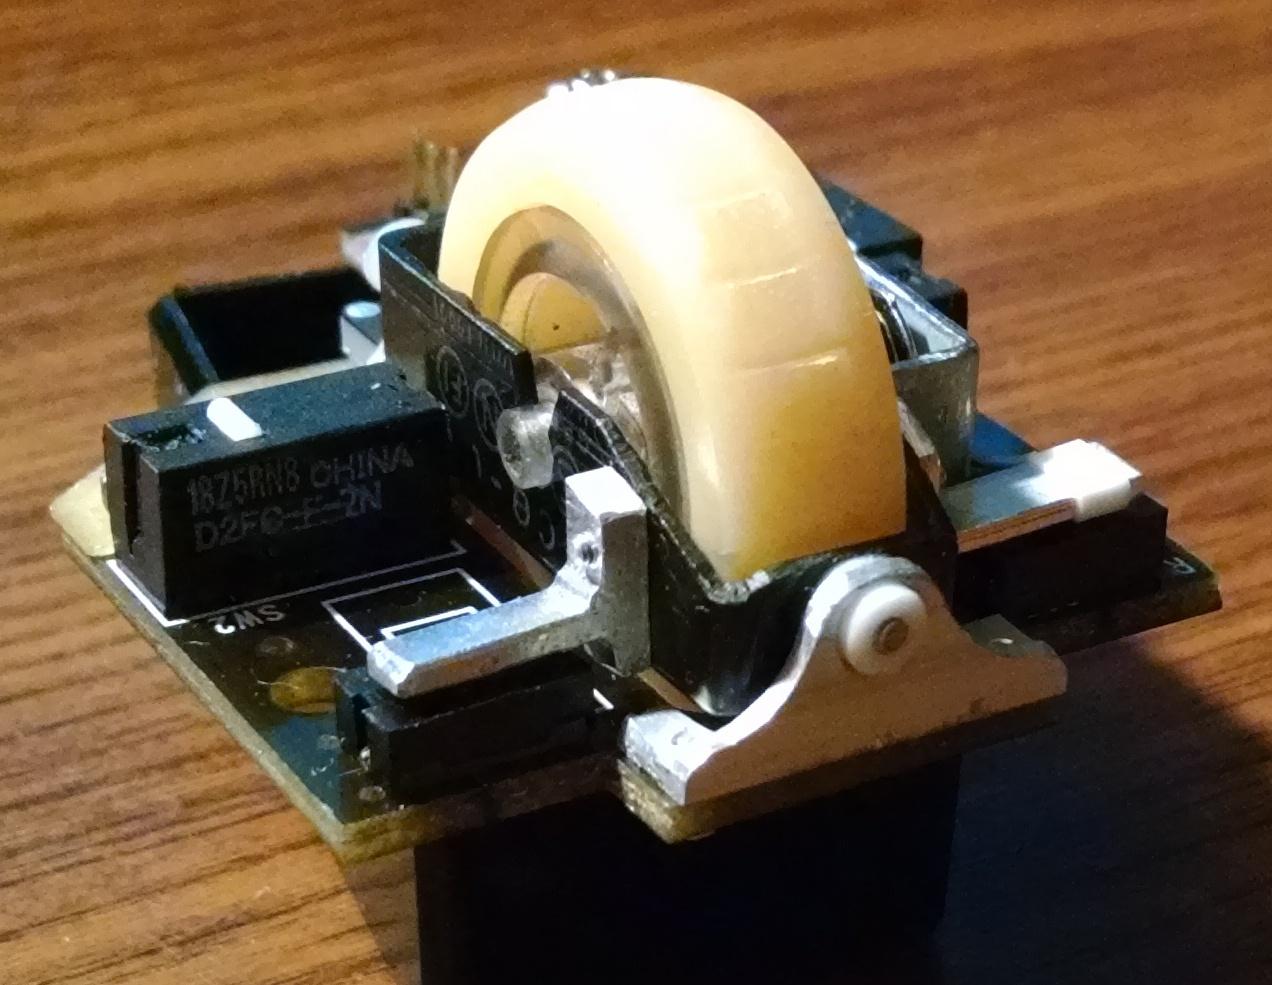 Модернизация мыши — добавление наклонов колеса, замена электроники - 30